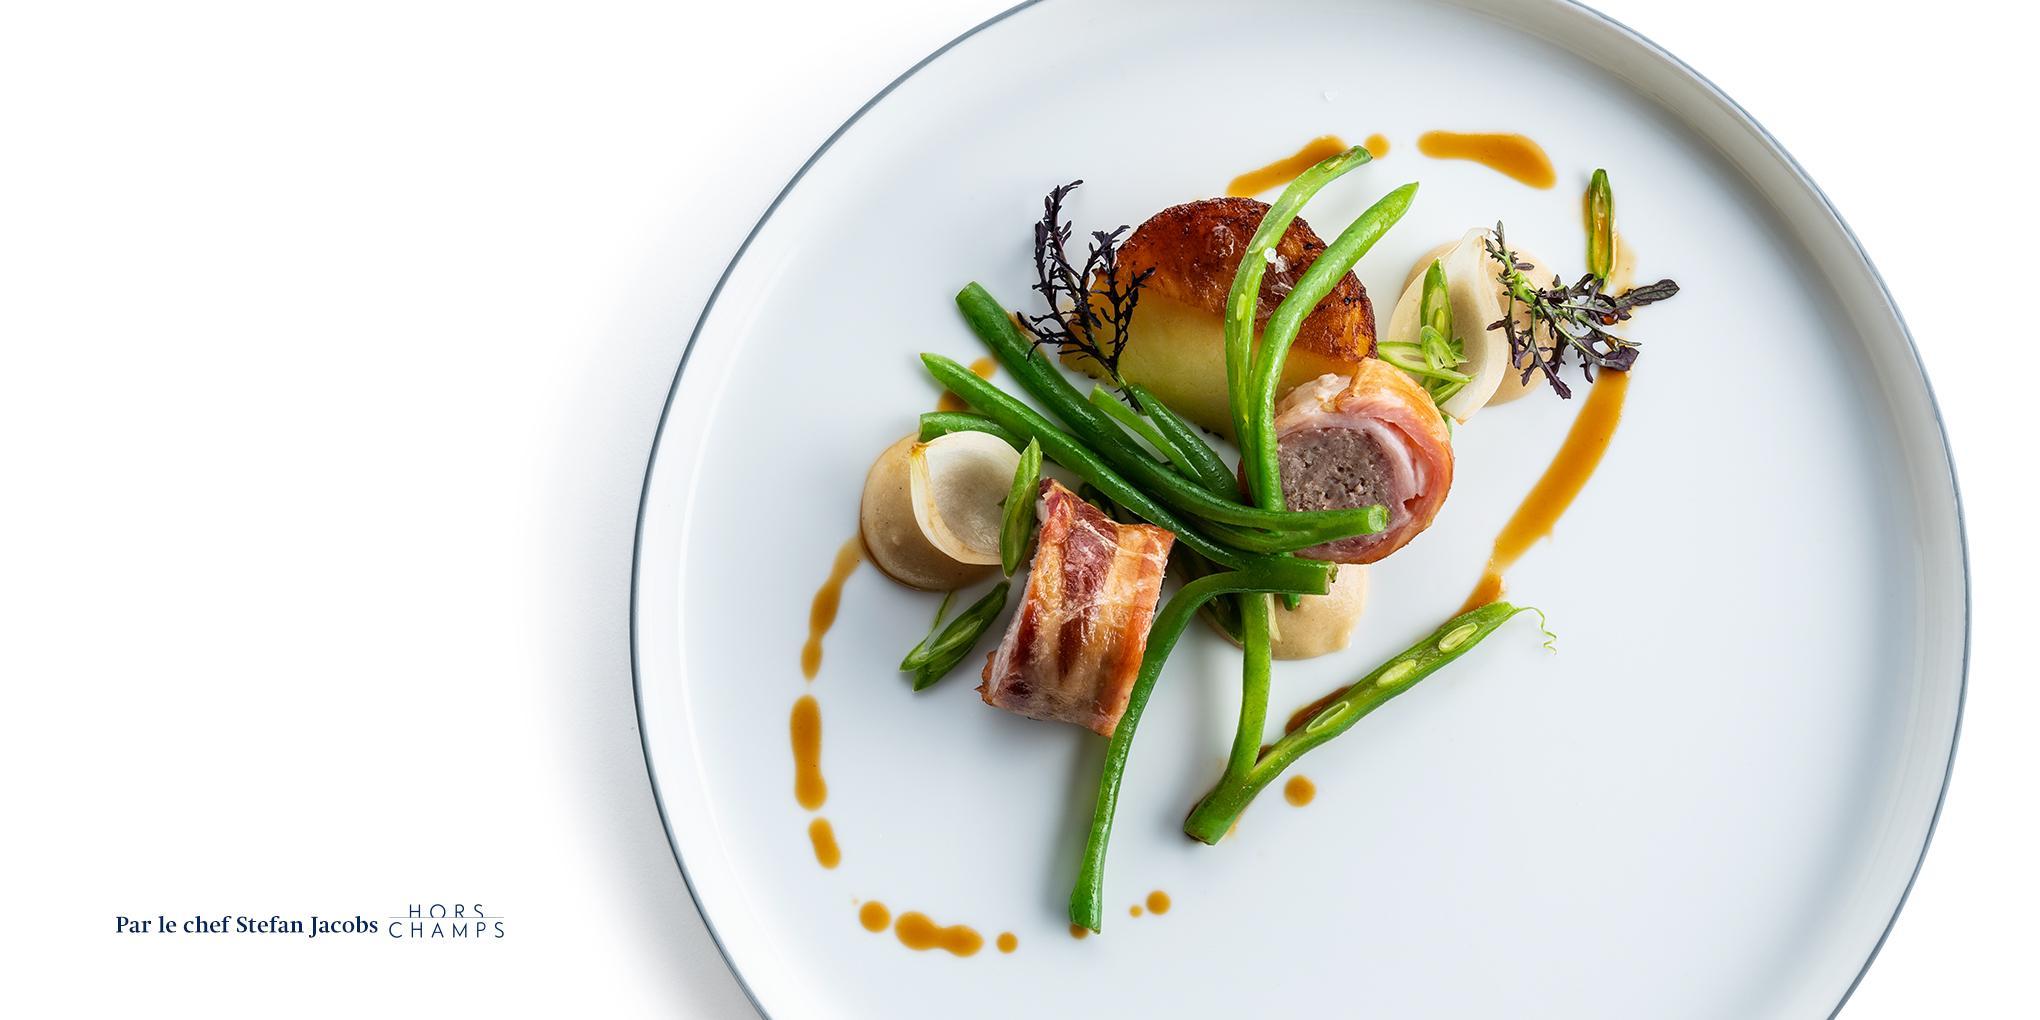 assiette blanche avec une cuisine gastronomique à la table d'un restaurant MICHELIN